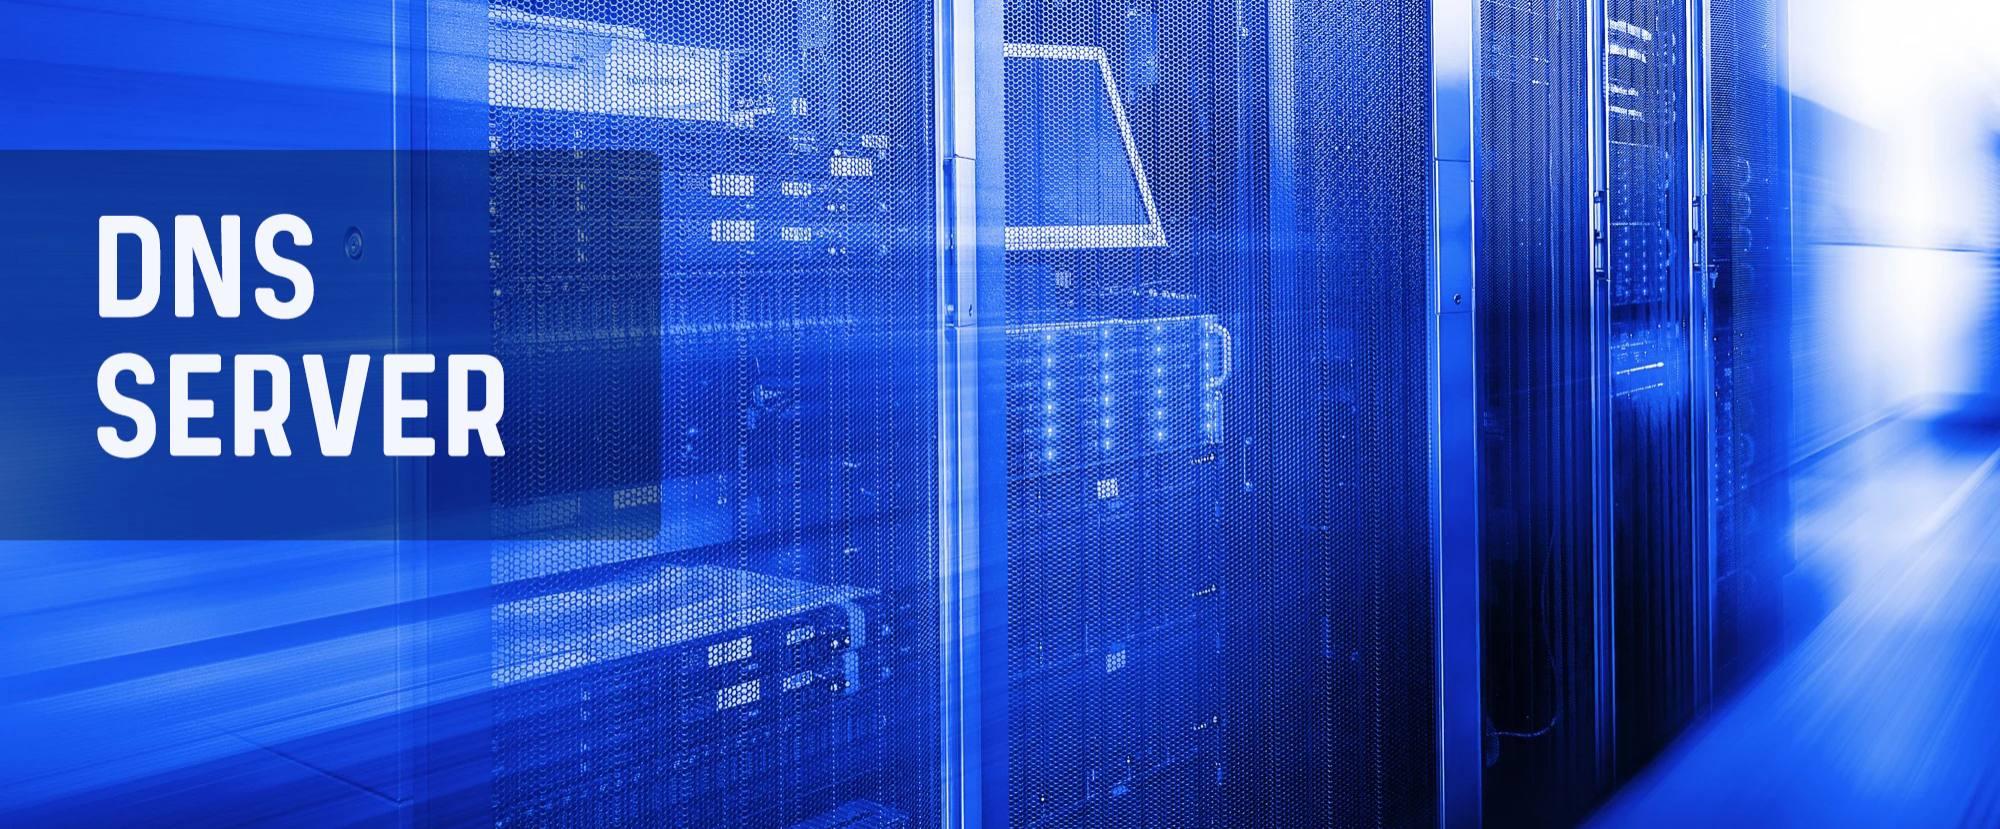 اولین DNS فارسی در ایران